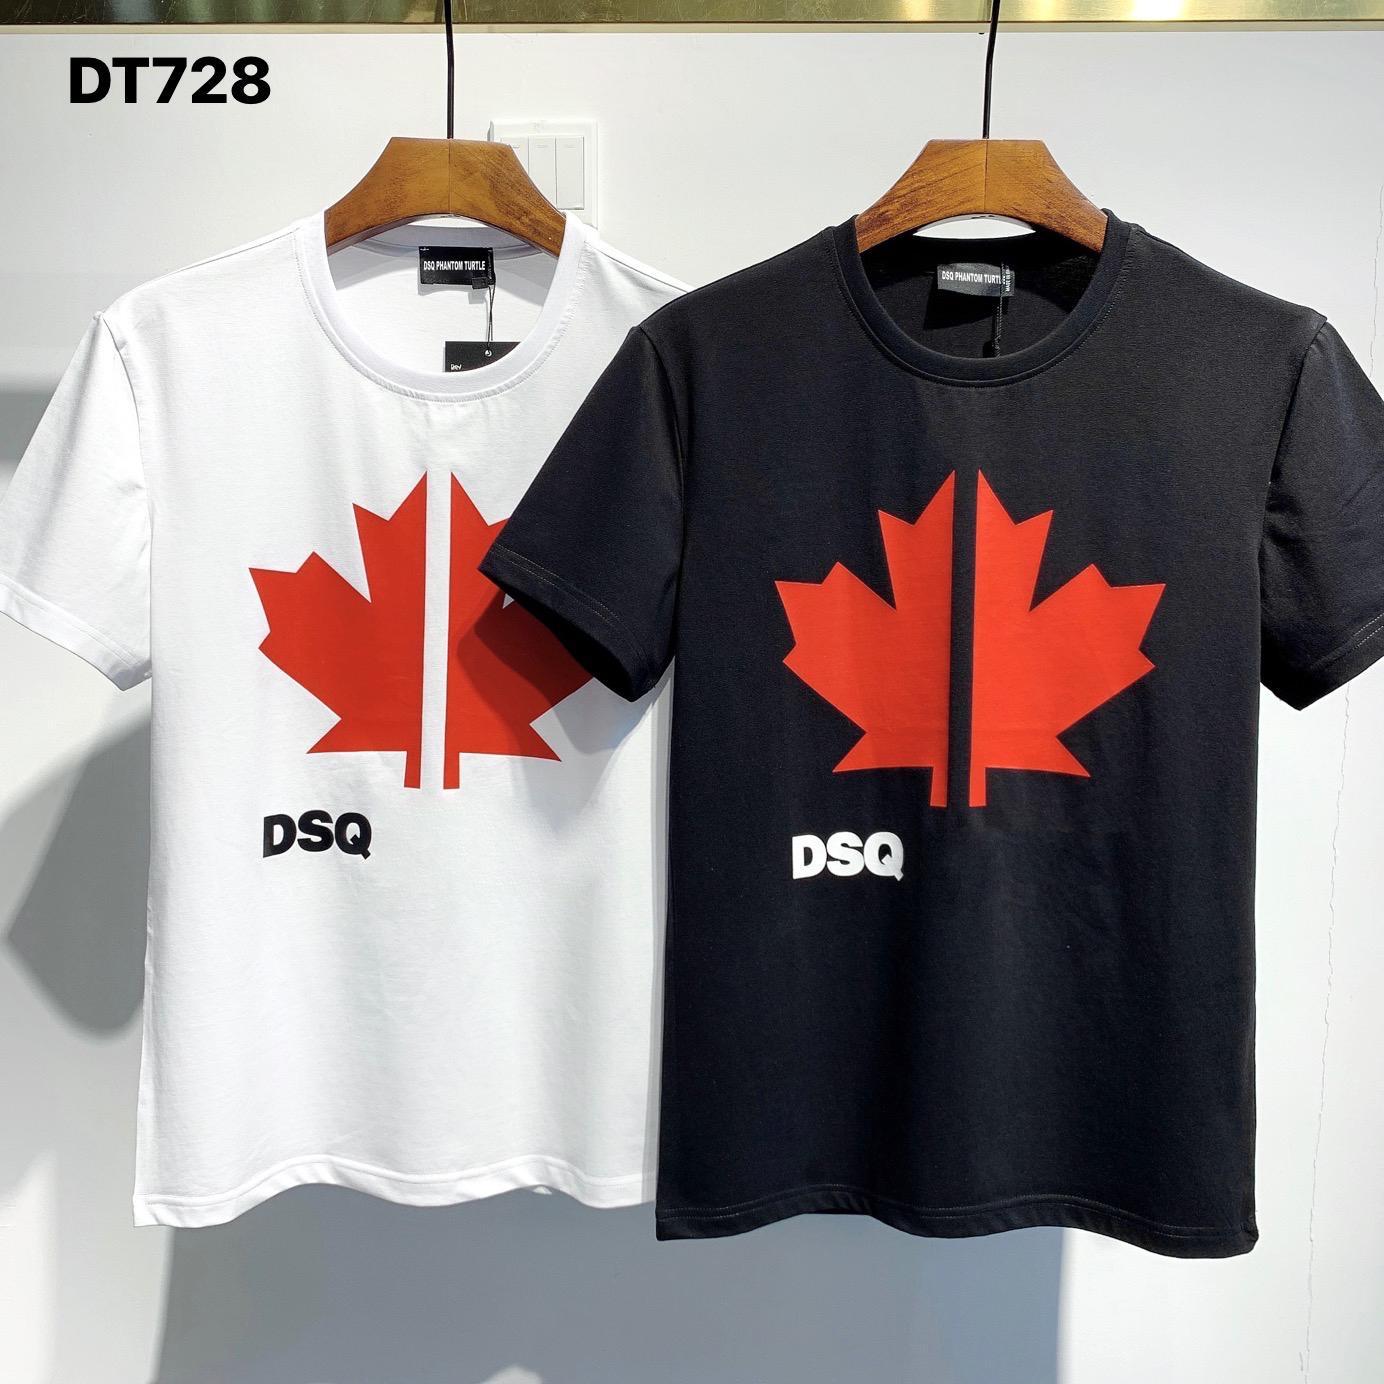 DSQ Phantom Turtle 2020fw NOUVEAU MENS DESIGNER T-shirt Italie T-shirts Été DSQ T-shirt T-shirt Homme Top Qualité 100% coton Top 7538